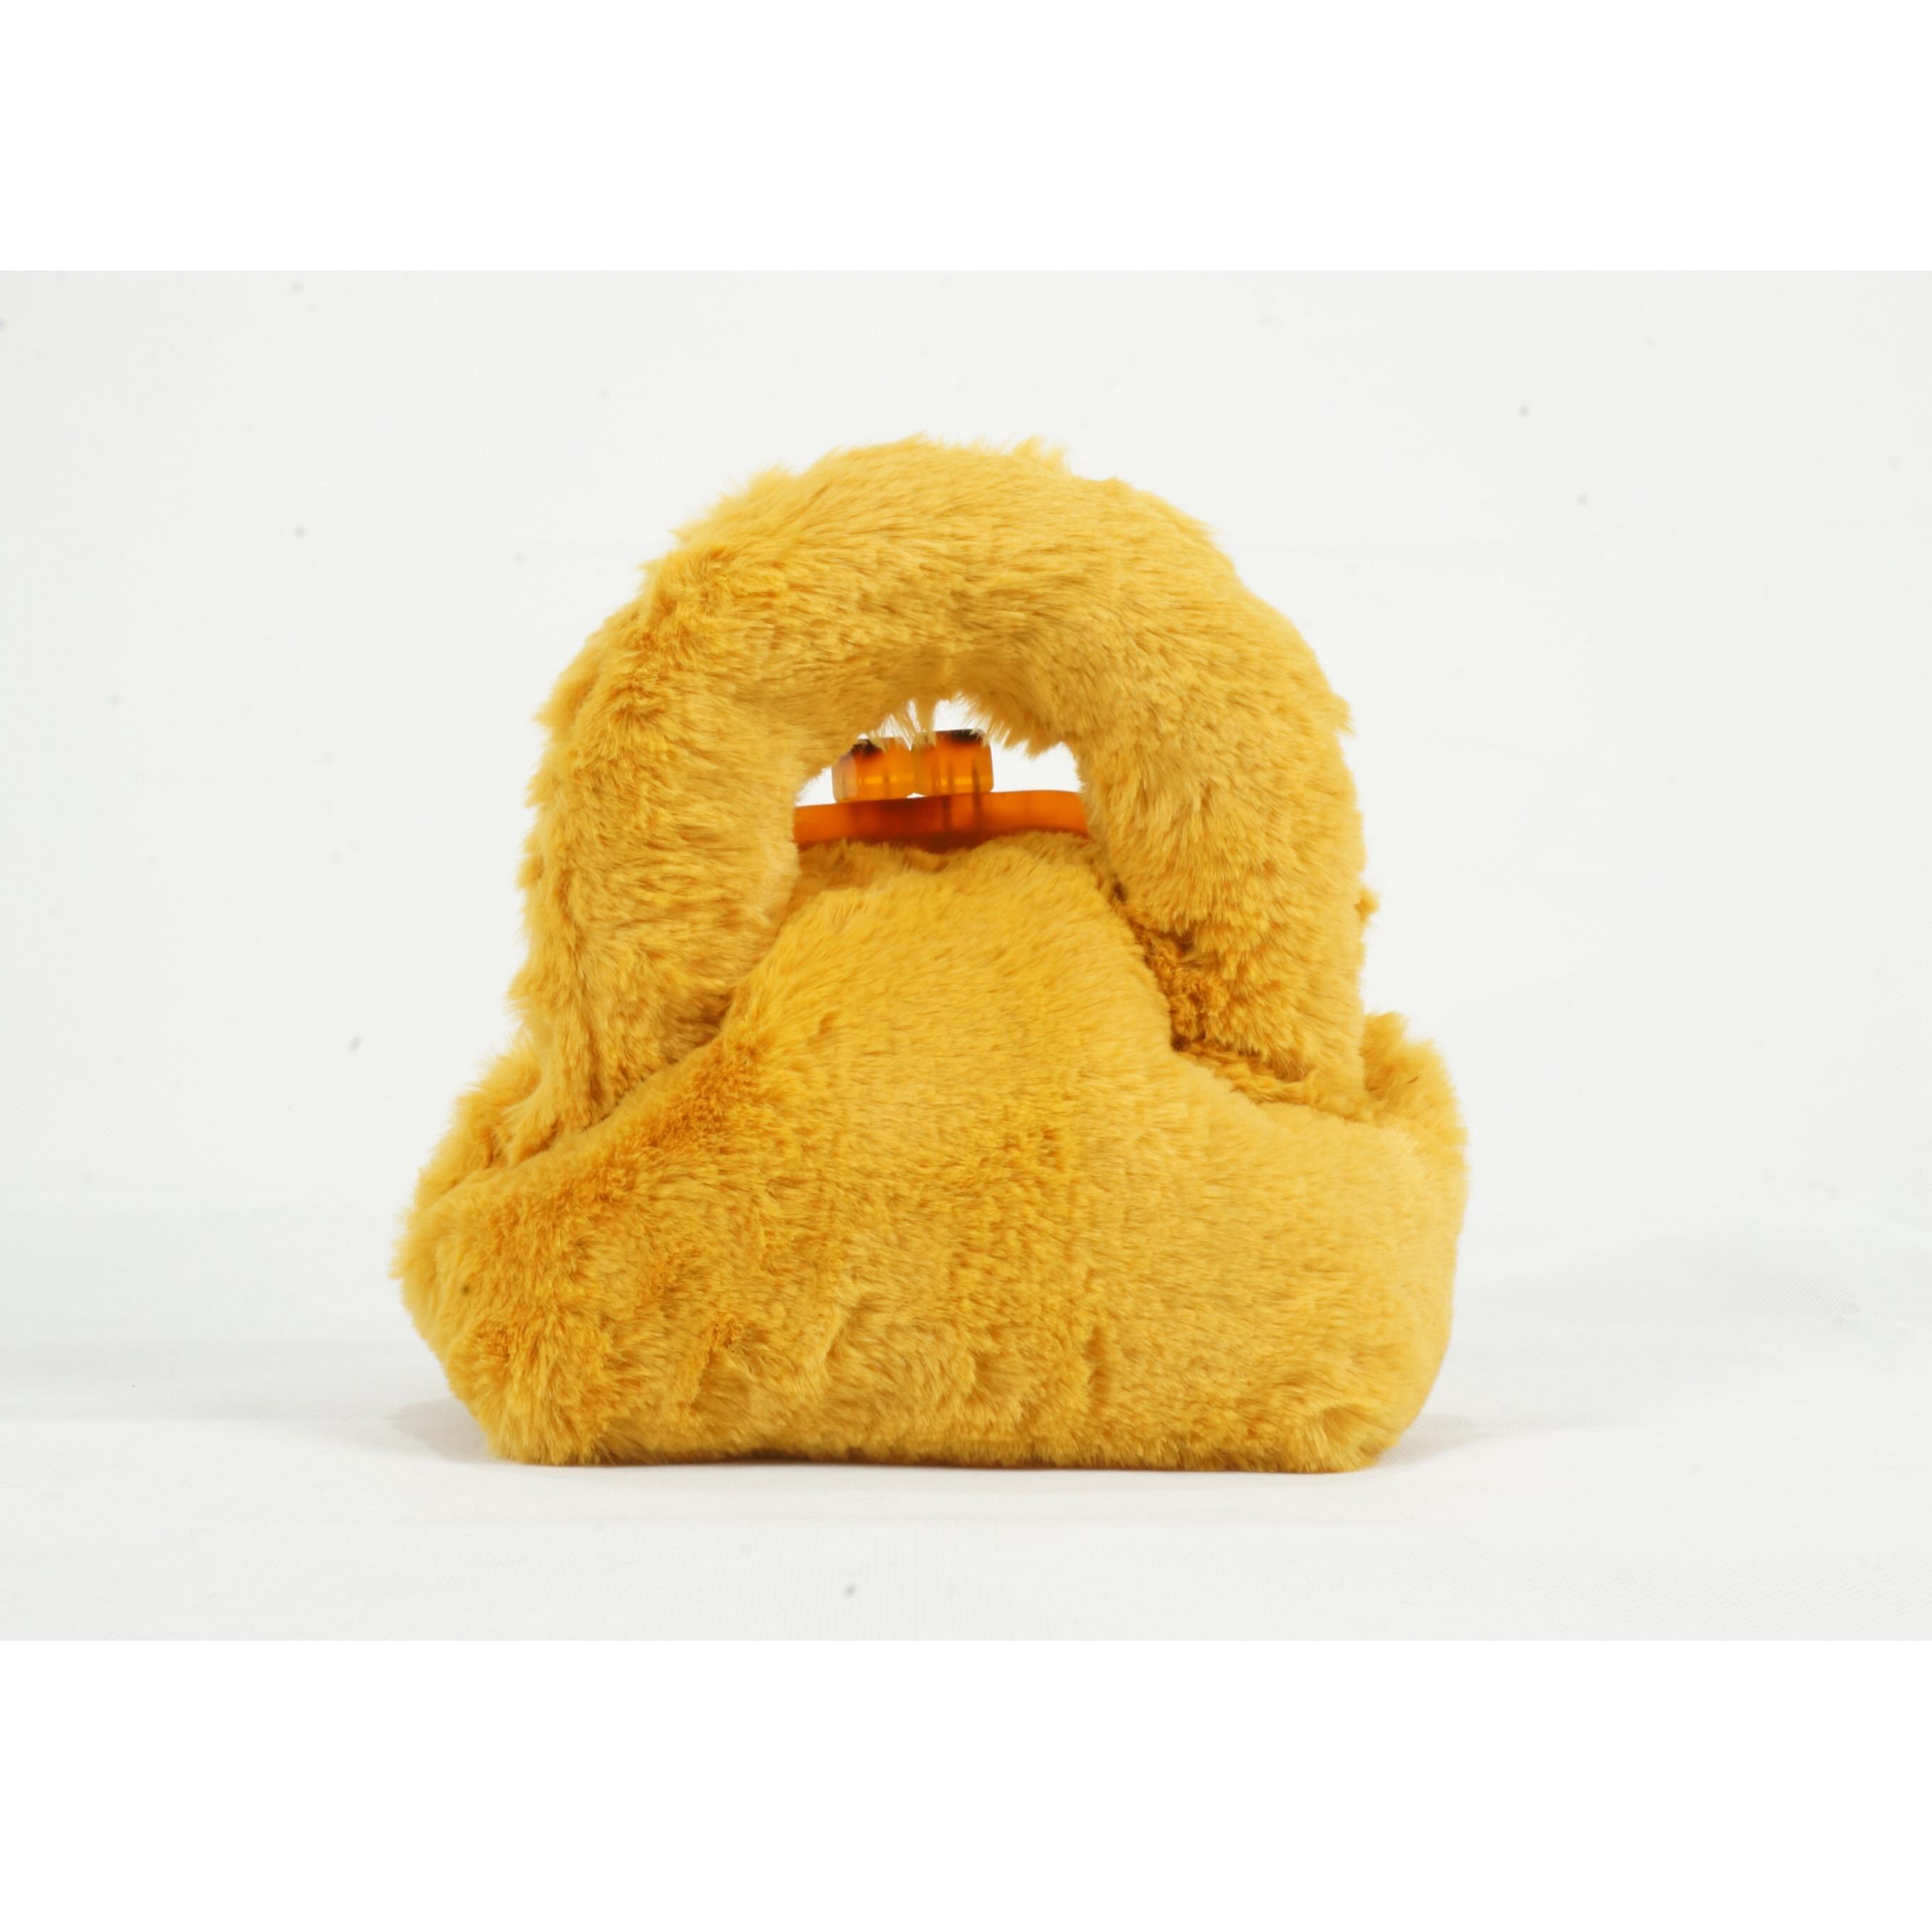 黄色斜挎包 「一七墨一八初」冬日送你一点小温暖贼嗲黄色濑兔毛斜挎手提女包_推荐淘宝好看的黄色斜挎包